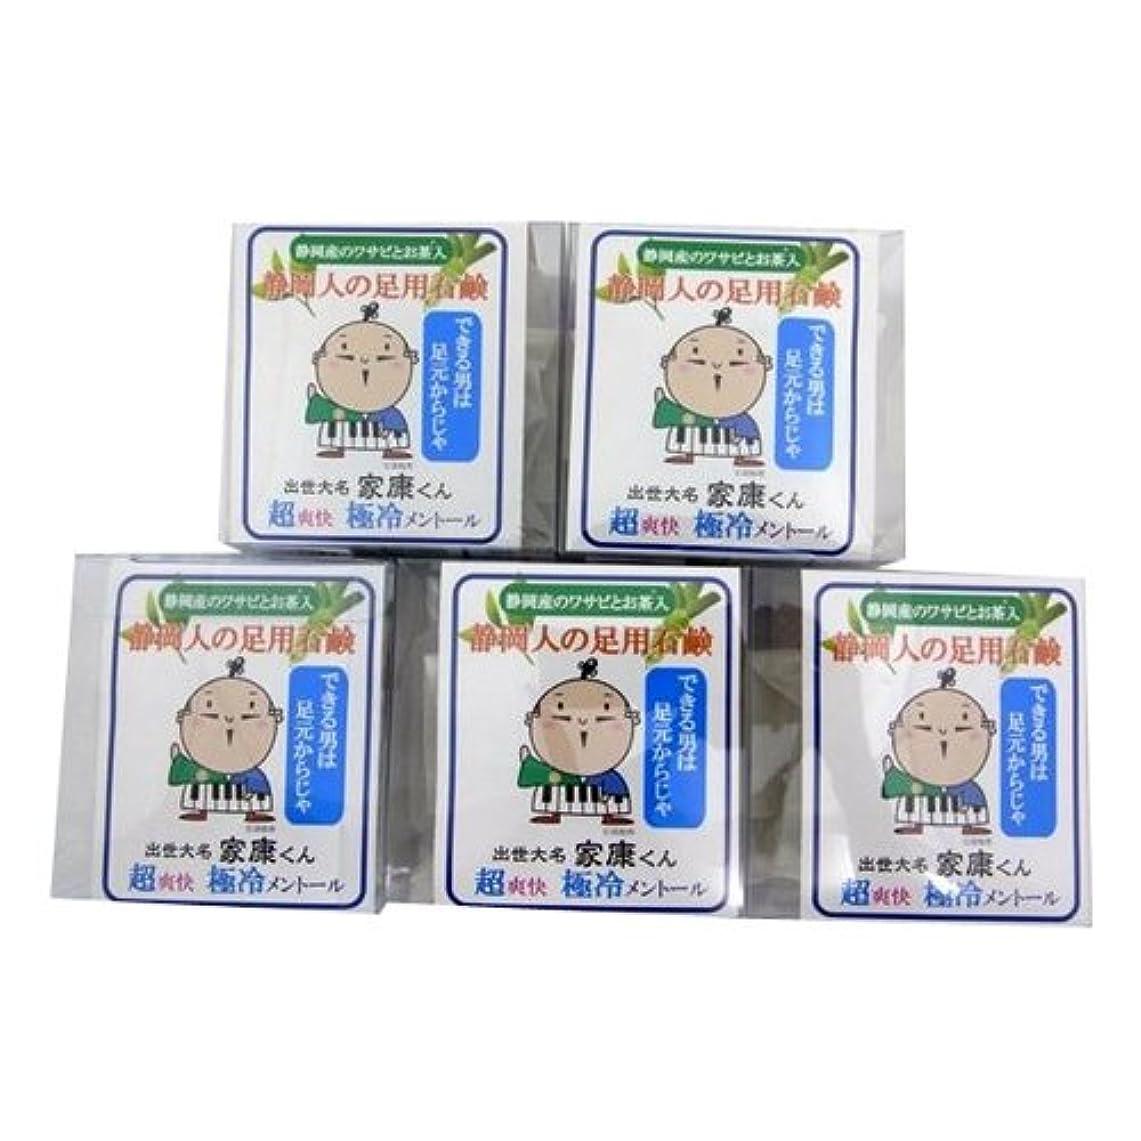 間隔ミキサー変えるエコライフラボ 静岡人の足用石鹸60g (ネット付) 5個セット